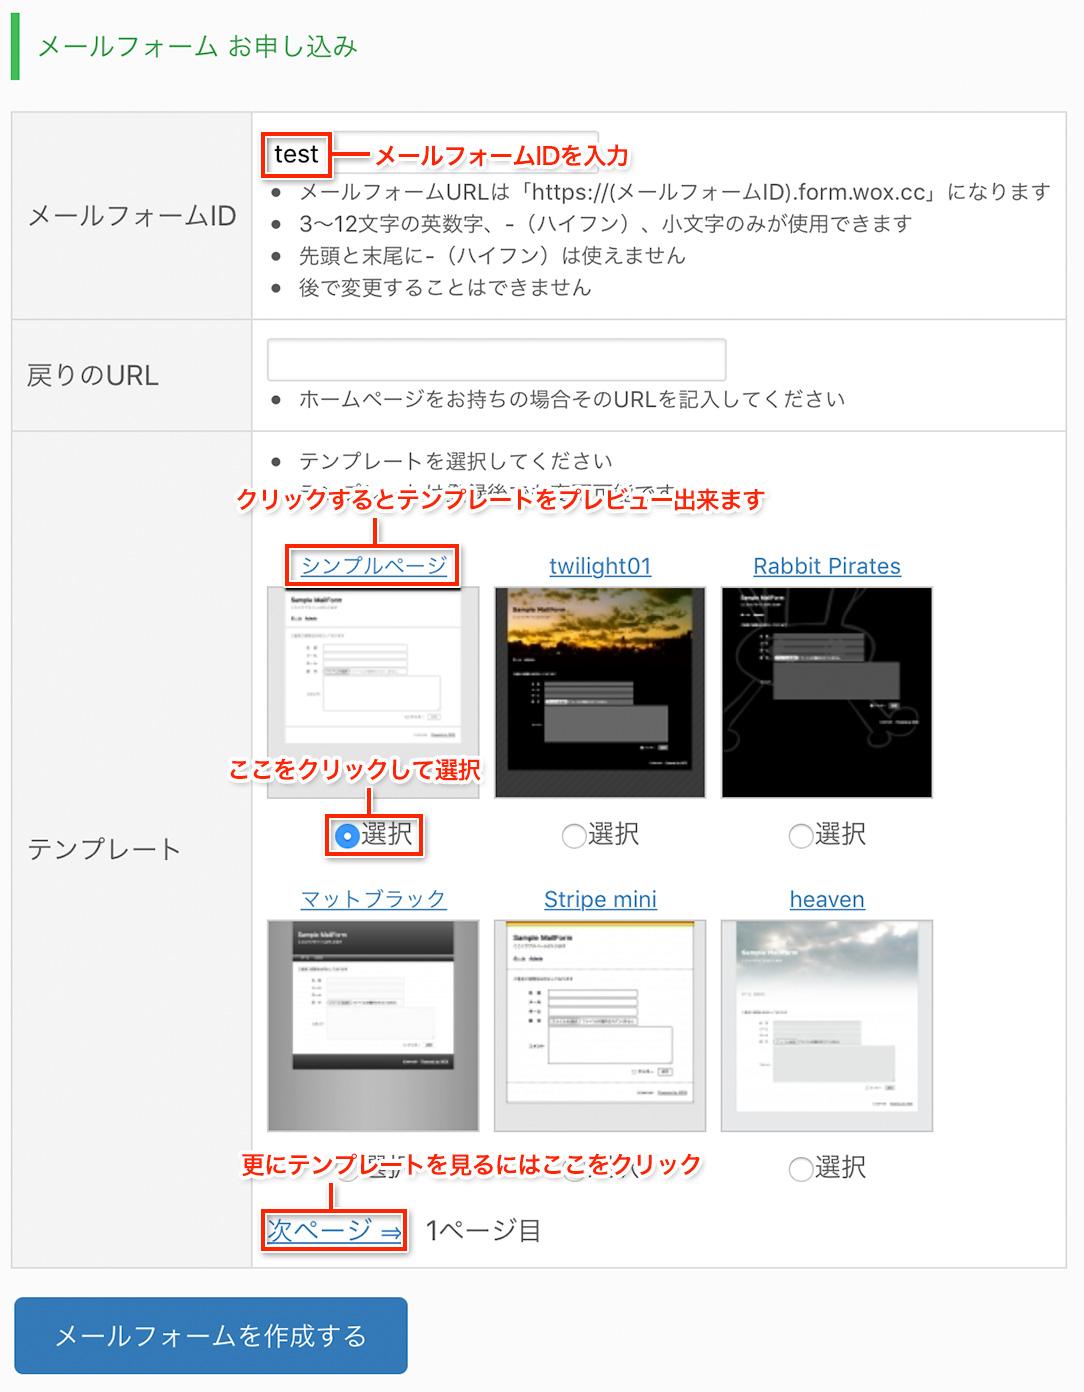 メールフォームの申し込み画面